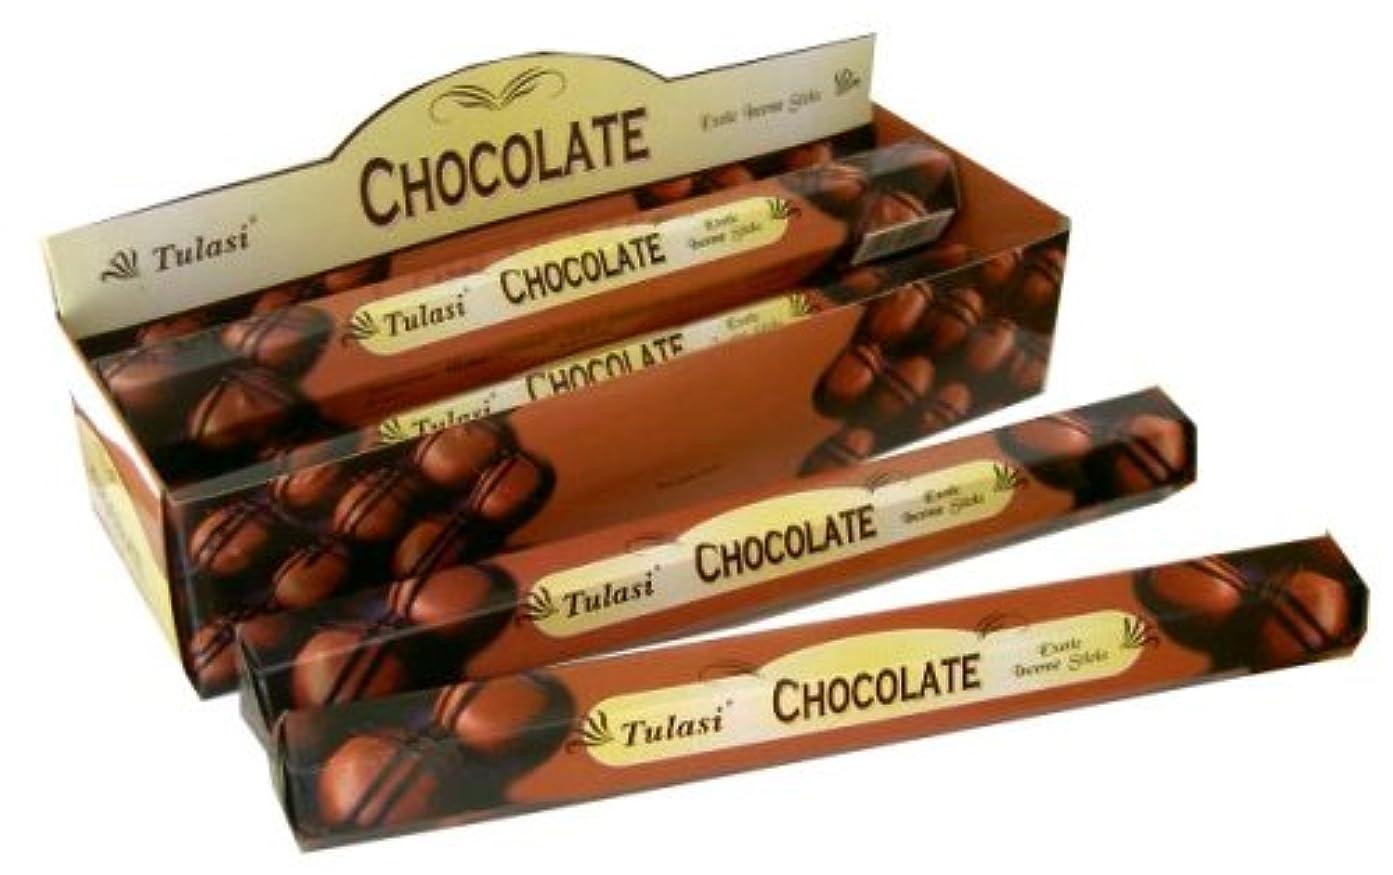 勃起コショウレイアトゥラシ チョコレート 6個セット